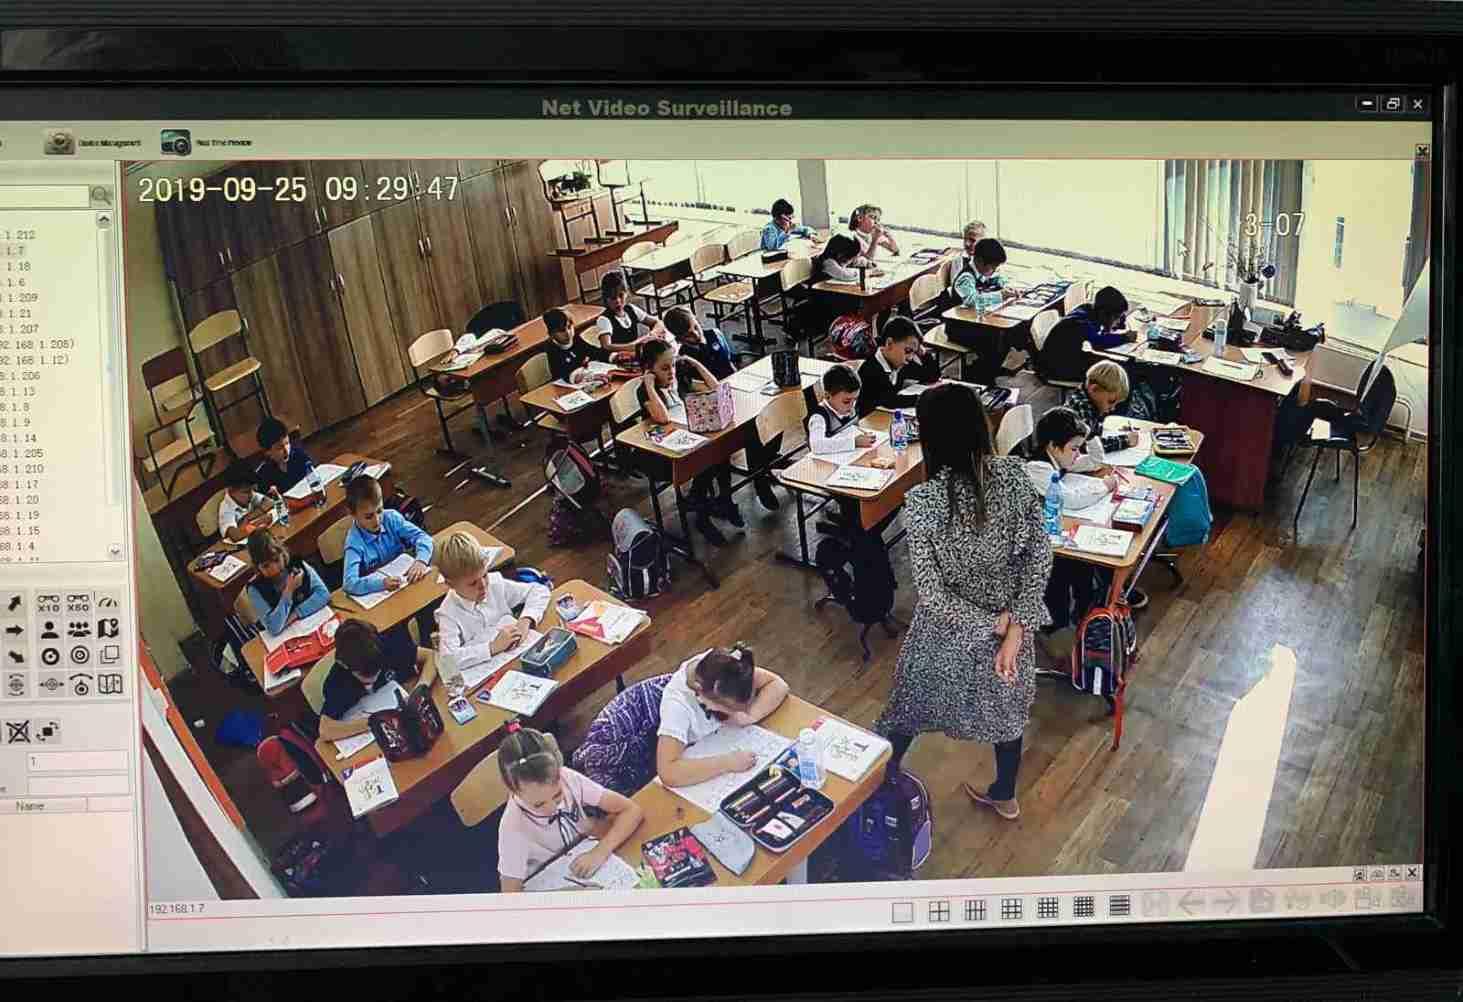 v-krasnoyarskih-shkolah-ustanovili-videonablyudenie-vo-vseh-pomeshheniyah